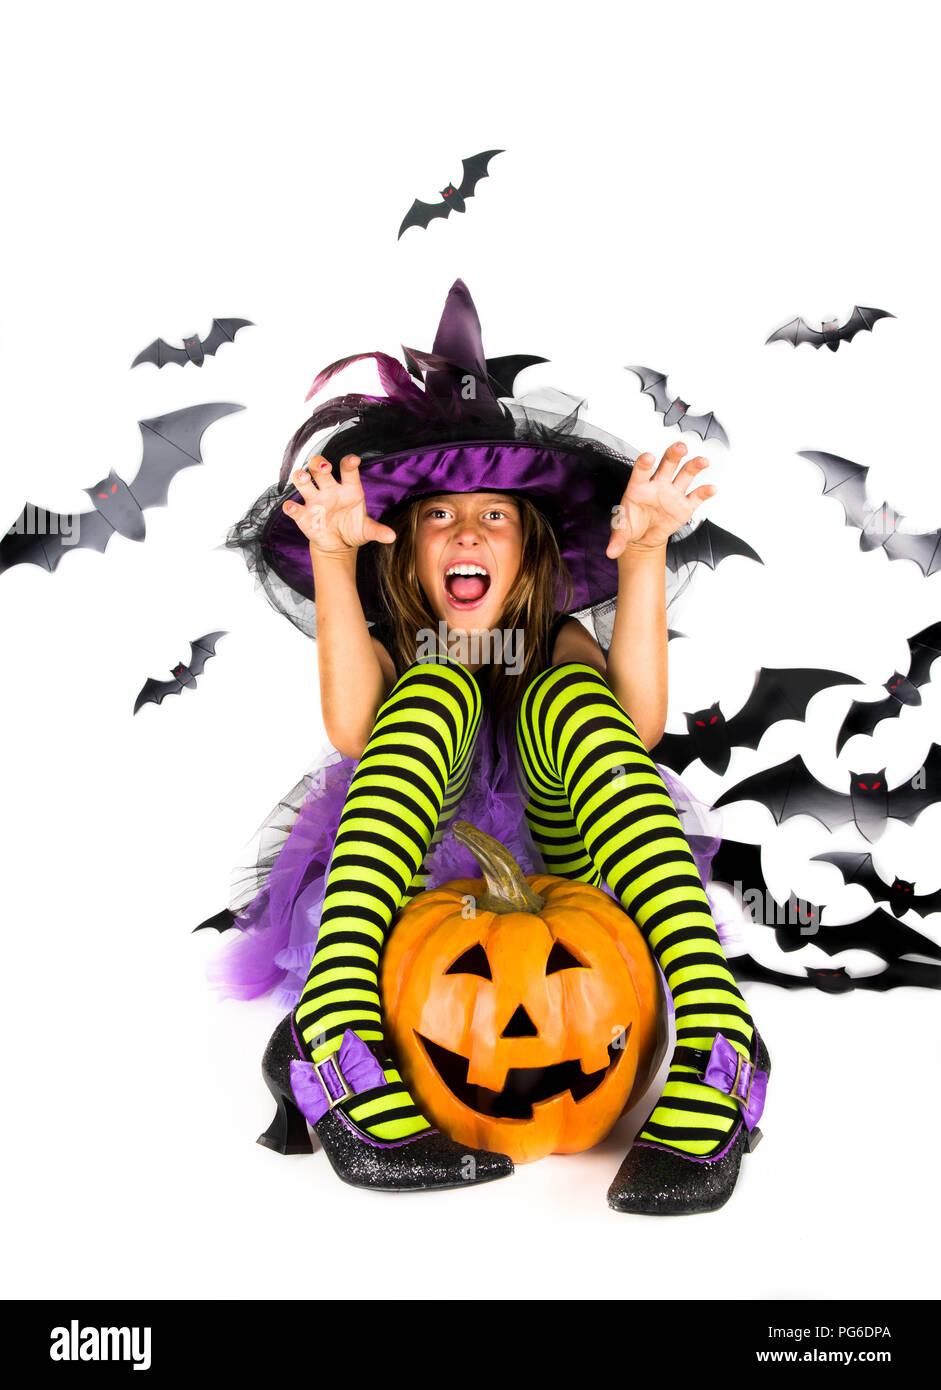 Vestiti Halloween Strega.Halloween Kids Felice Inquietante Bambina Vestito In Costume Di